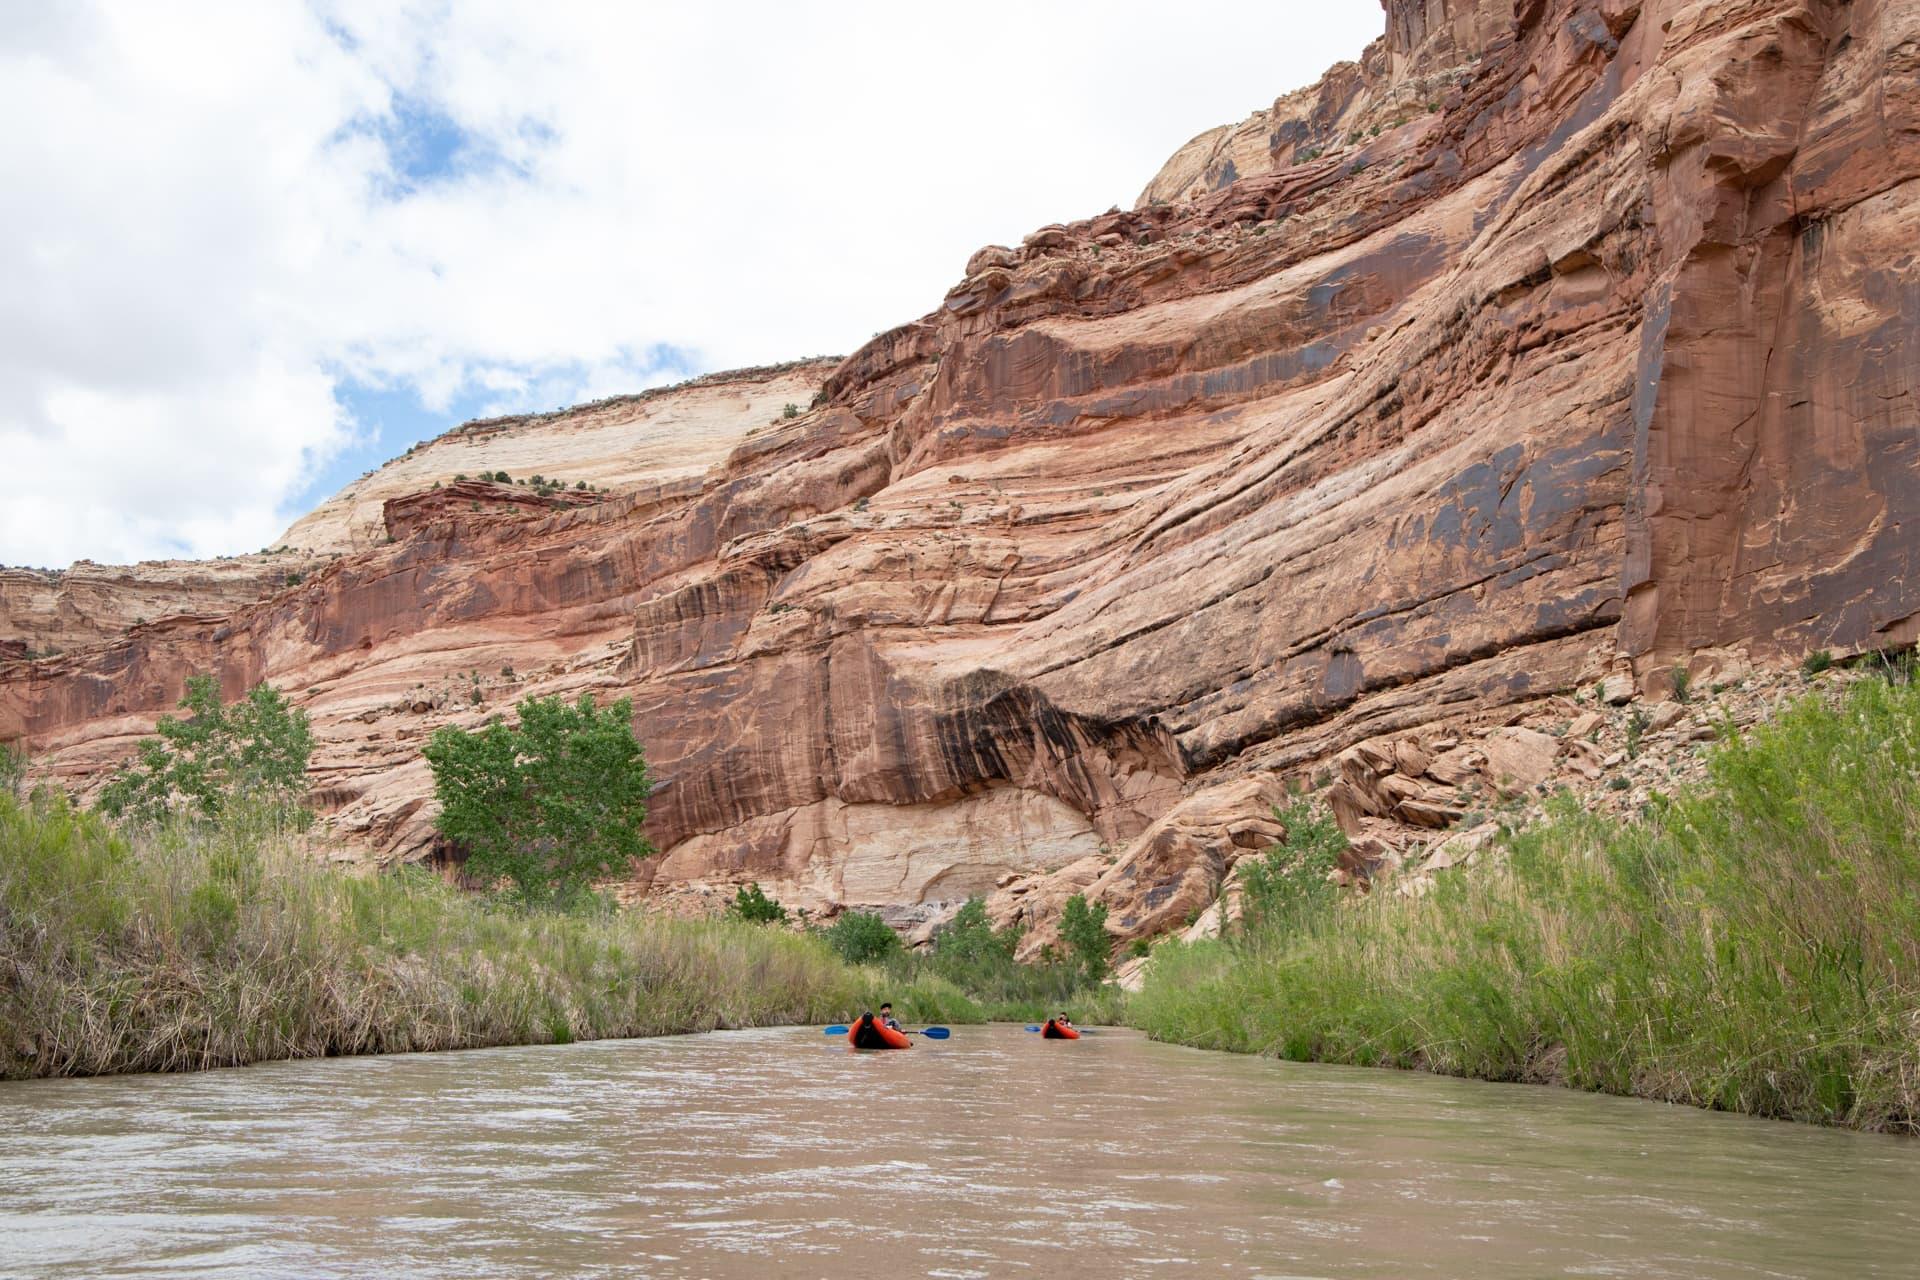 Floating the San Rafael River in Utah